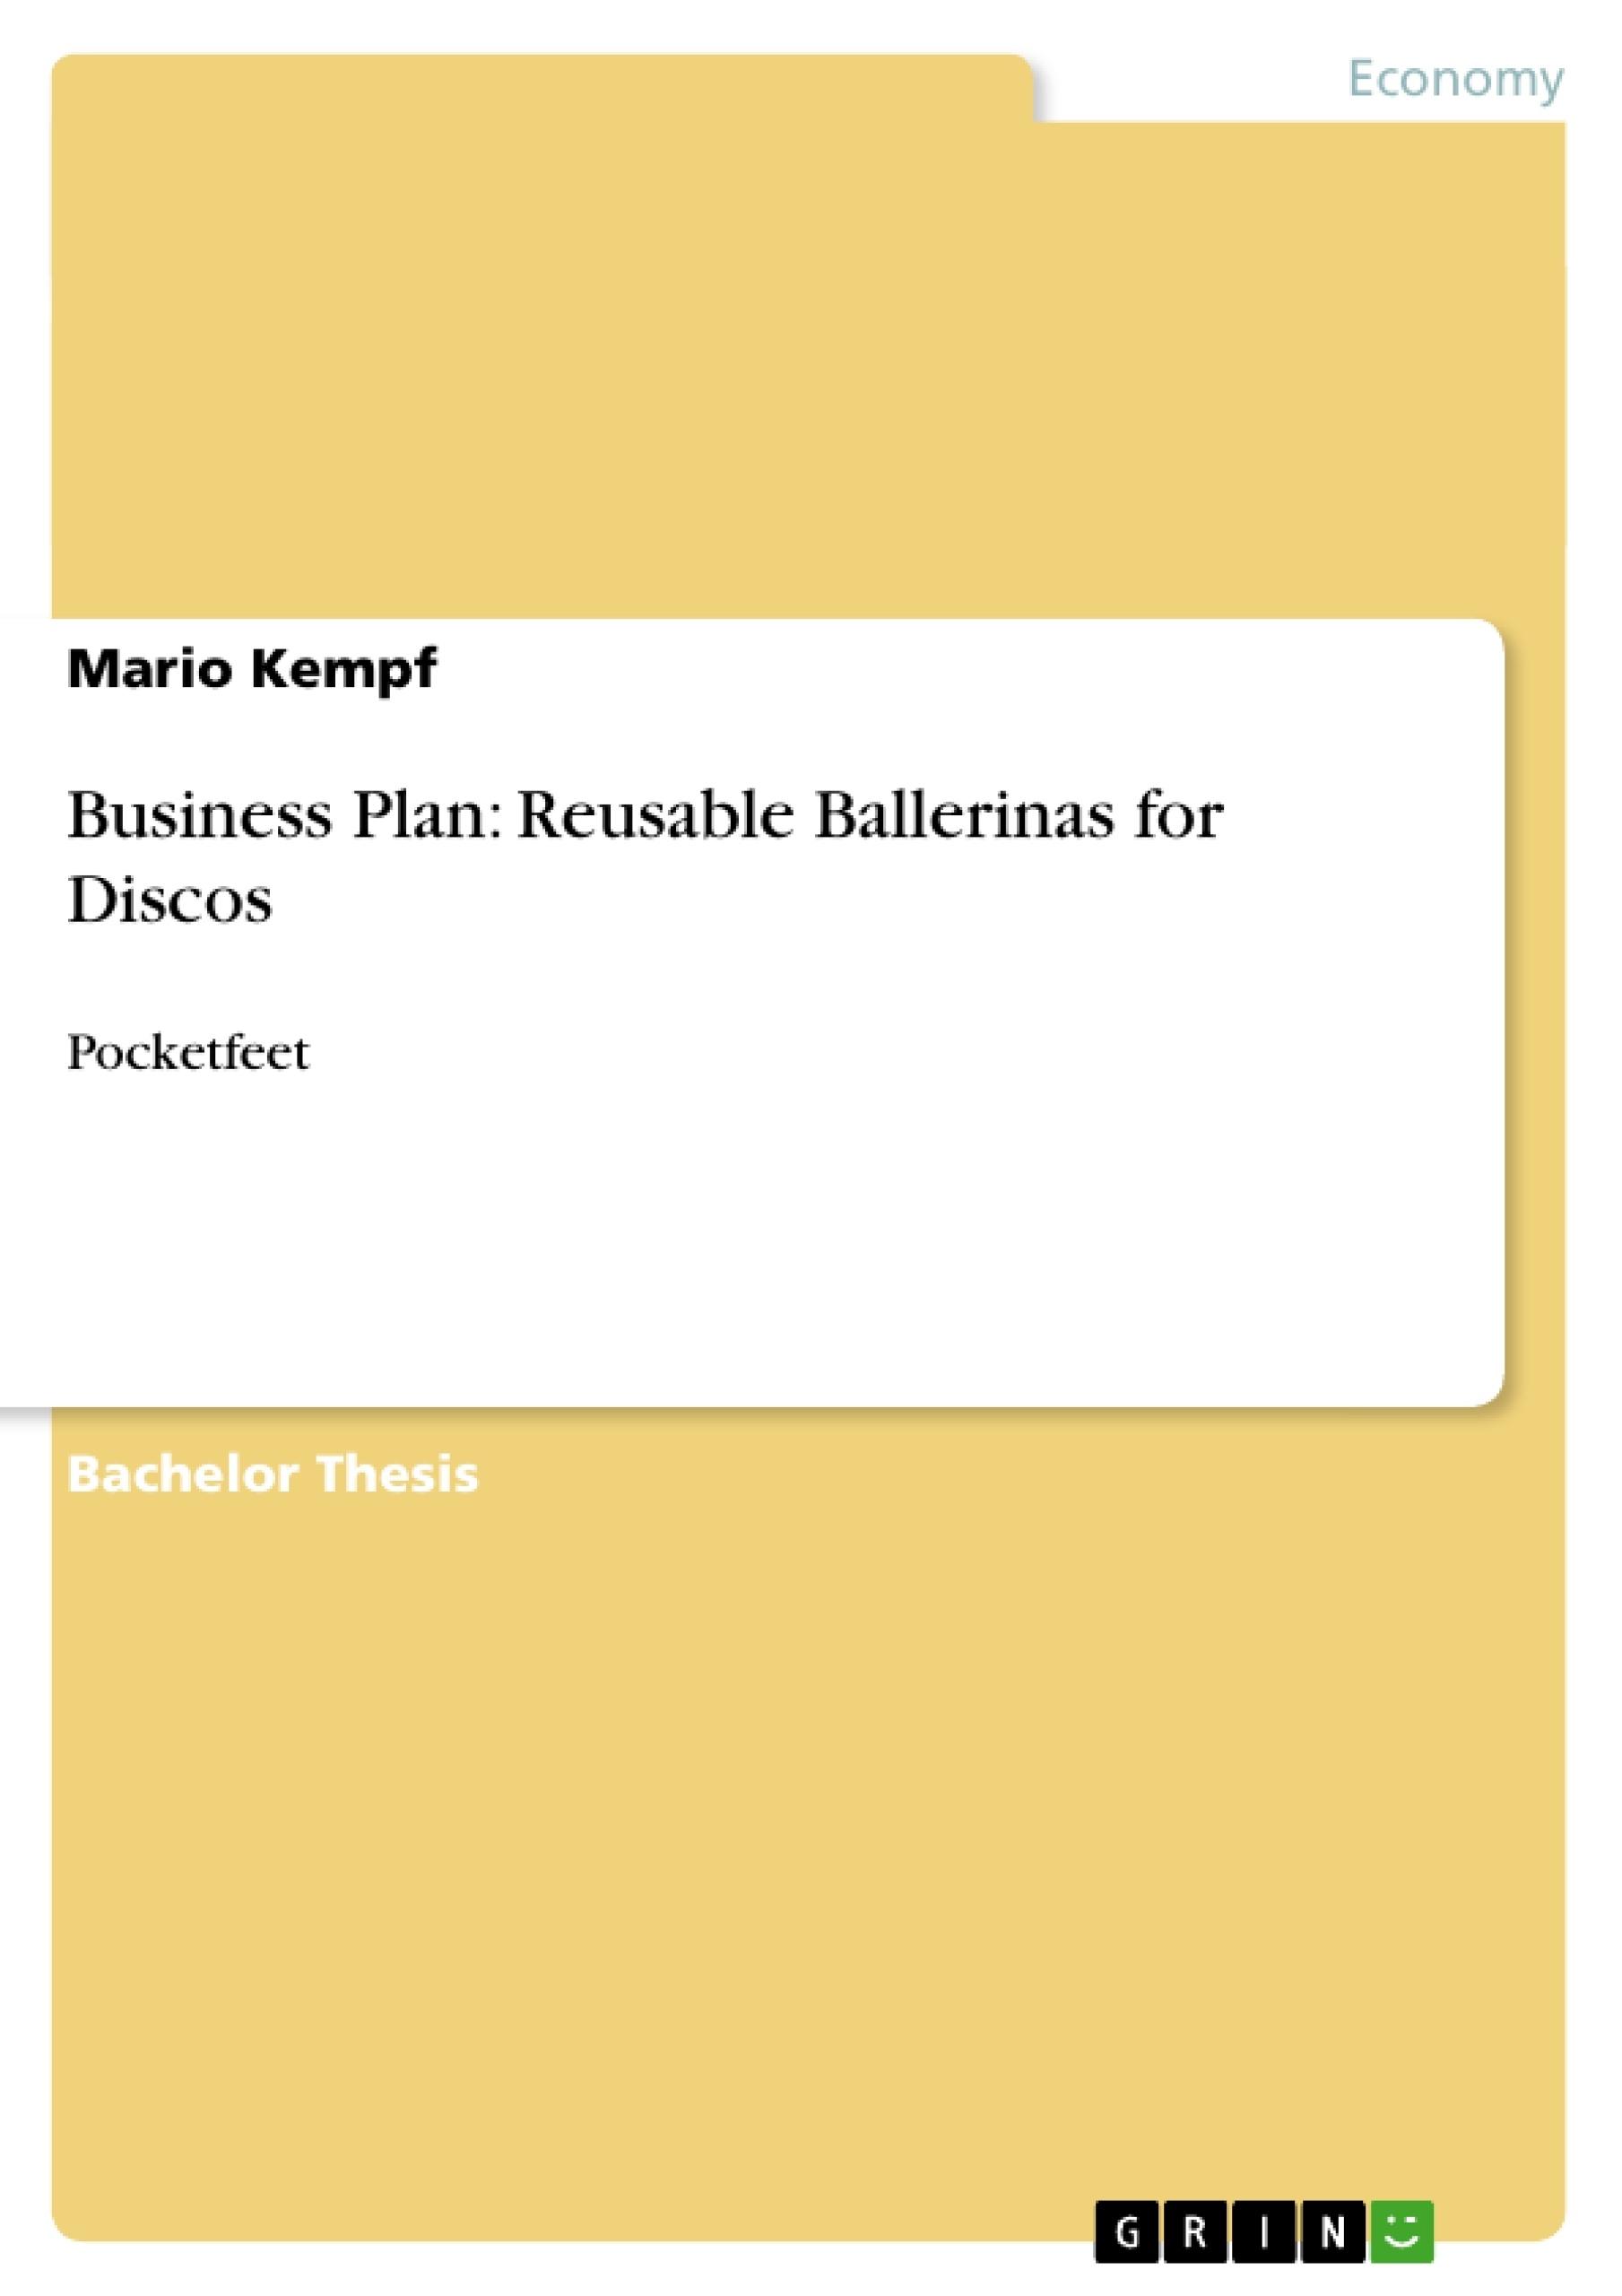 rollasole business plan